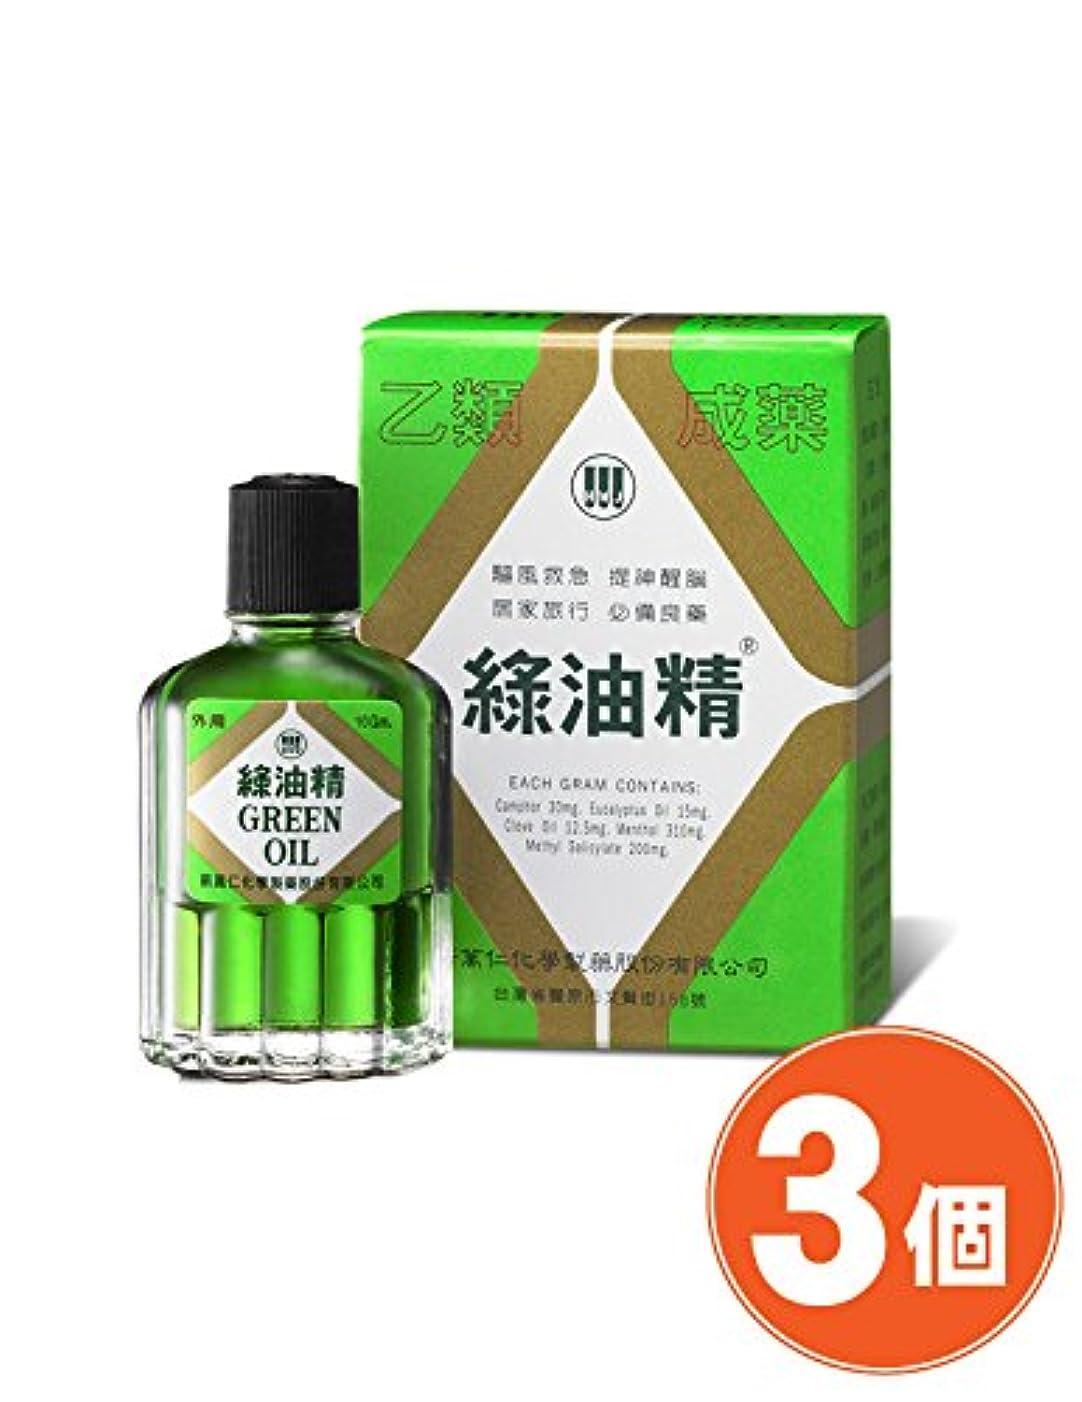 拾うミント変更《新萬仁》台湾の万能グリーンオイル 緑油精 10g ×3個 《台湾 お土産》 [並行輸入品]